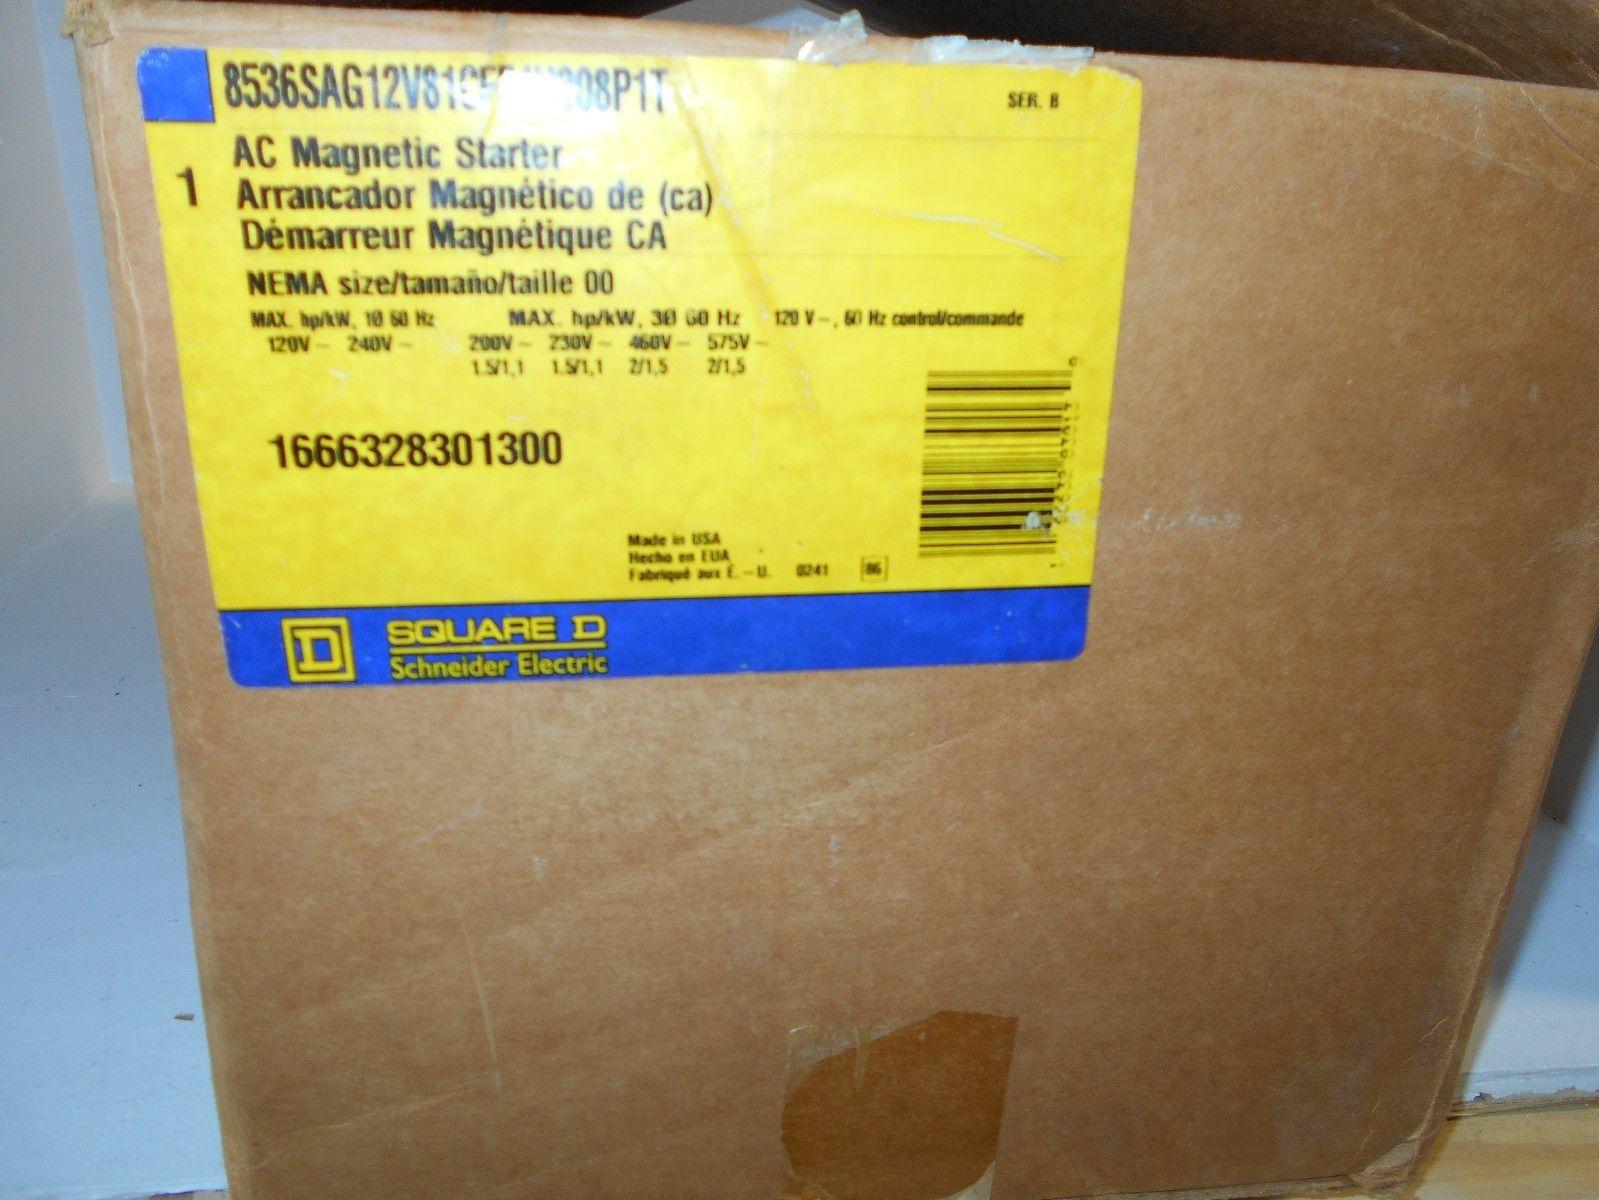 NEW SQUARE D 8536SAG12V081CFF4H308PIT SIZE 00 AC Magnetic ...